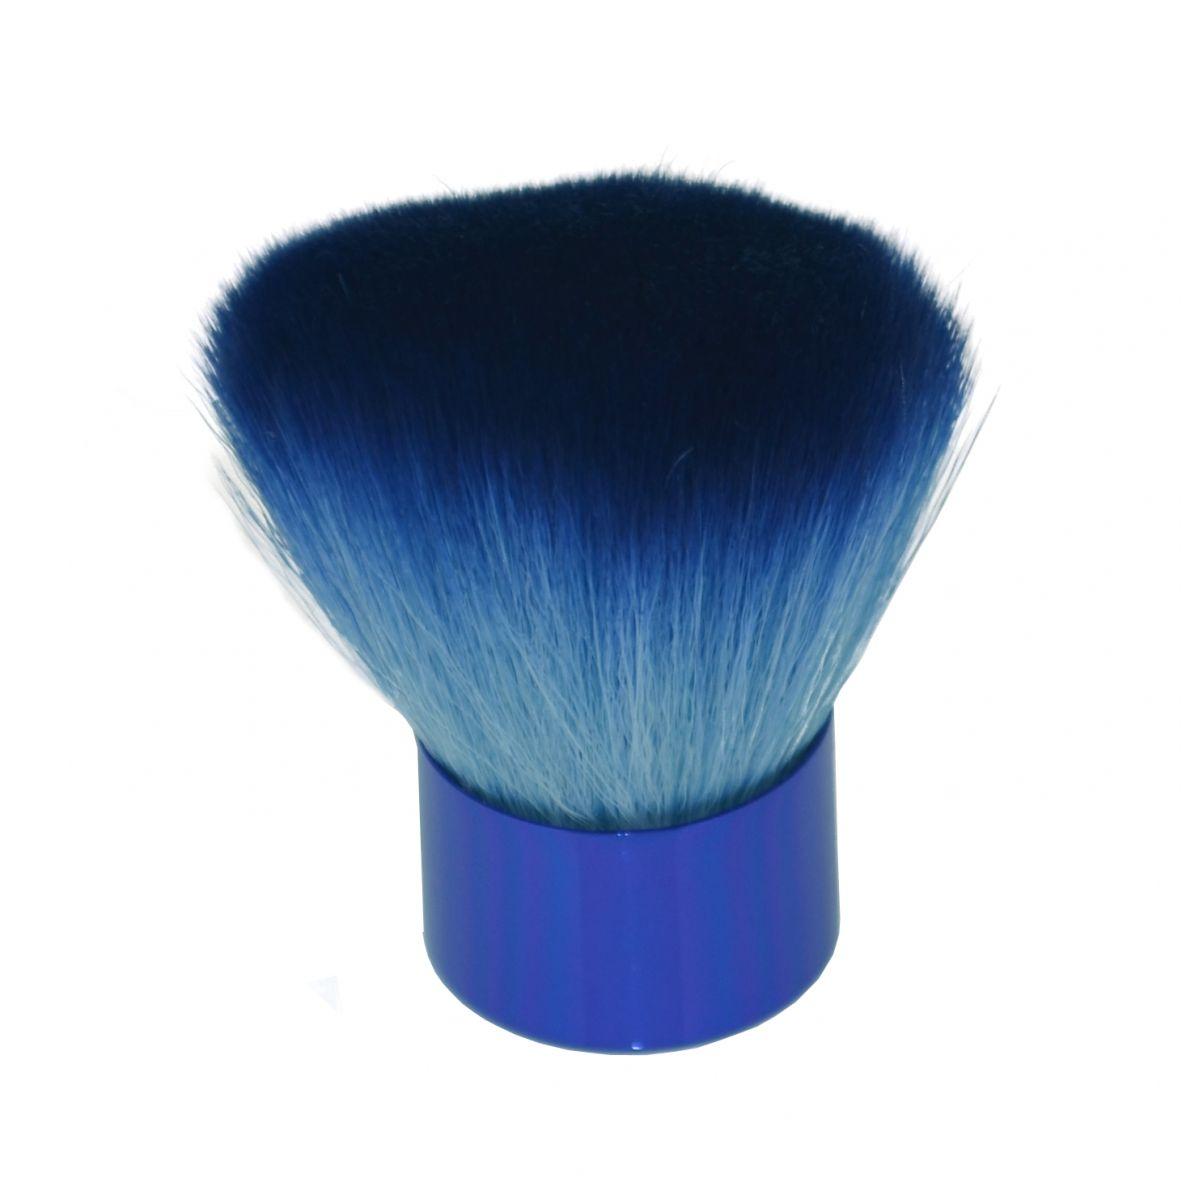 Espanador Para Maquiagem Bicolor Luxo 1 Unidade - Importado